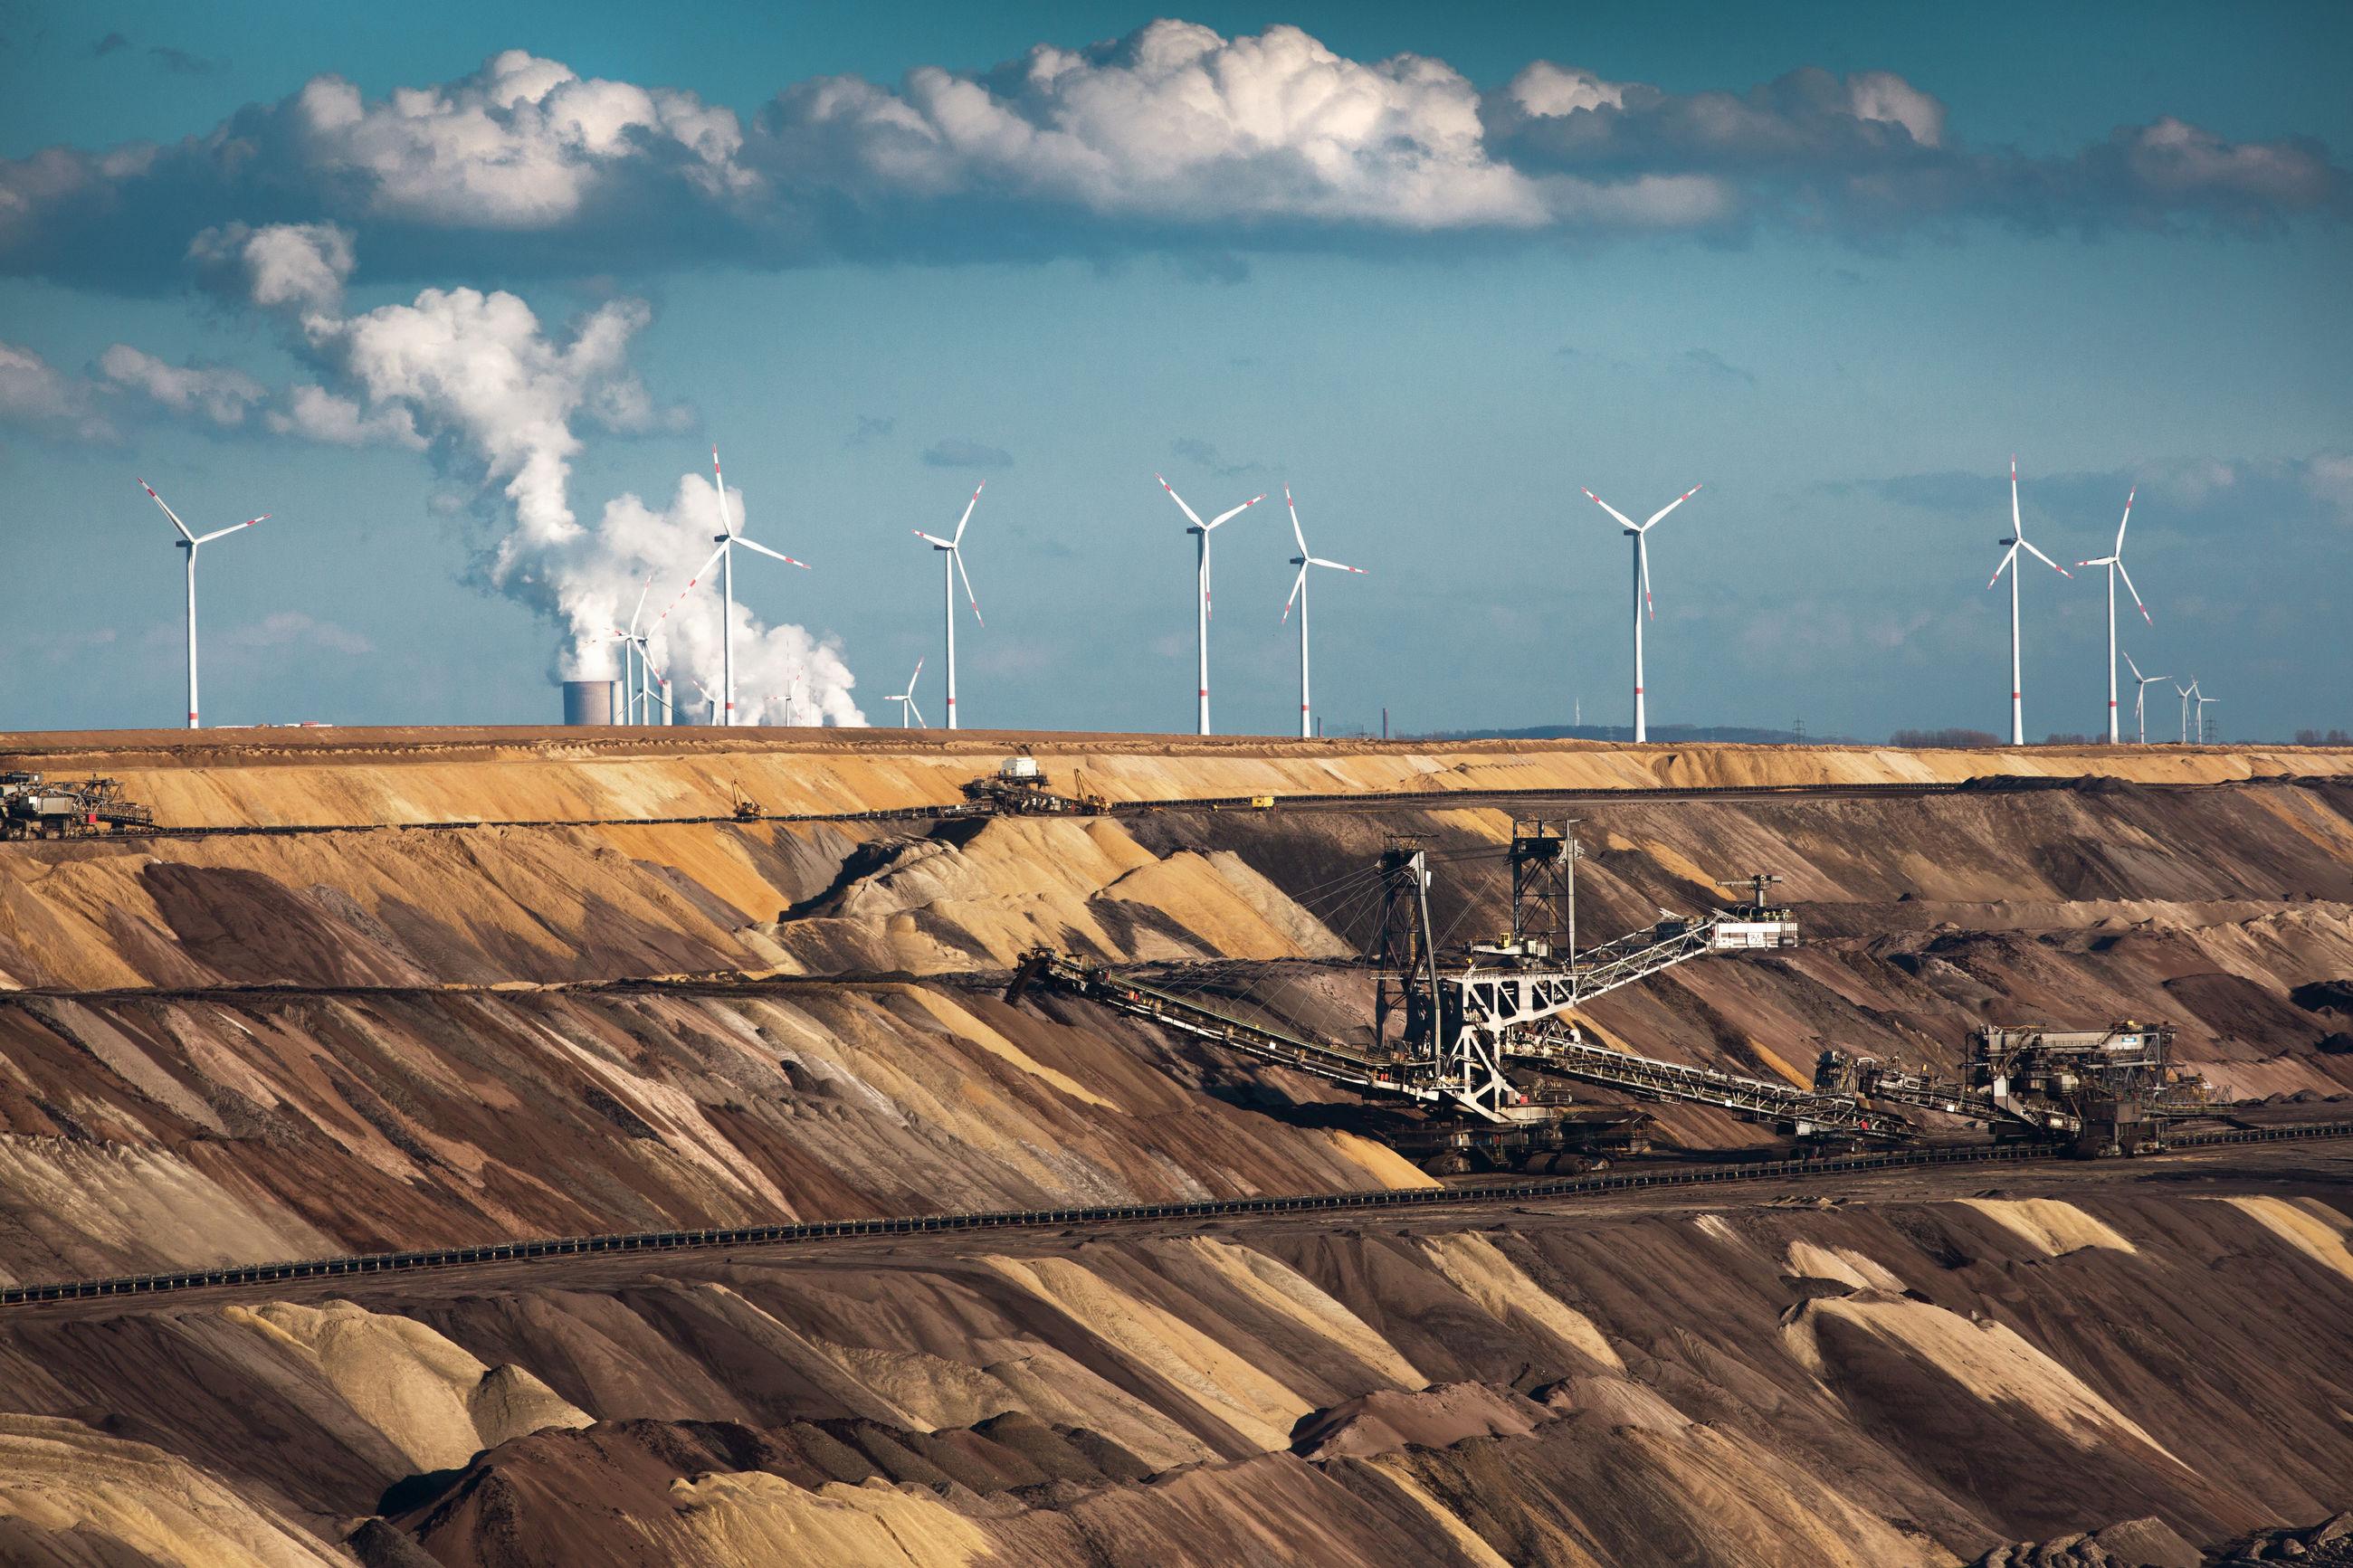 Wind turbines against sky